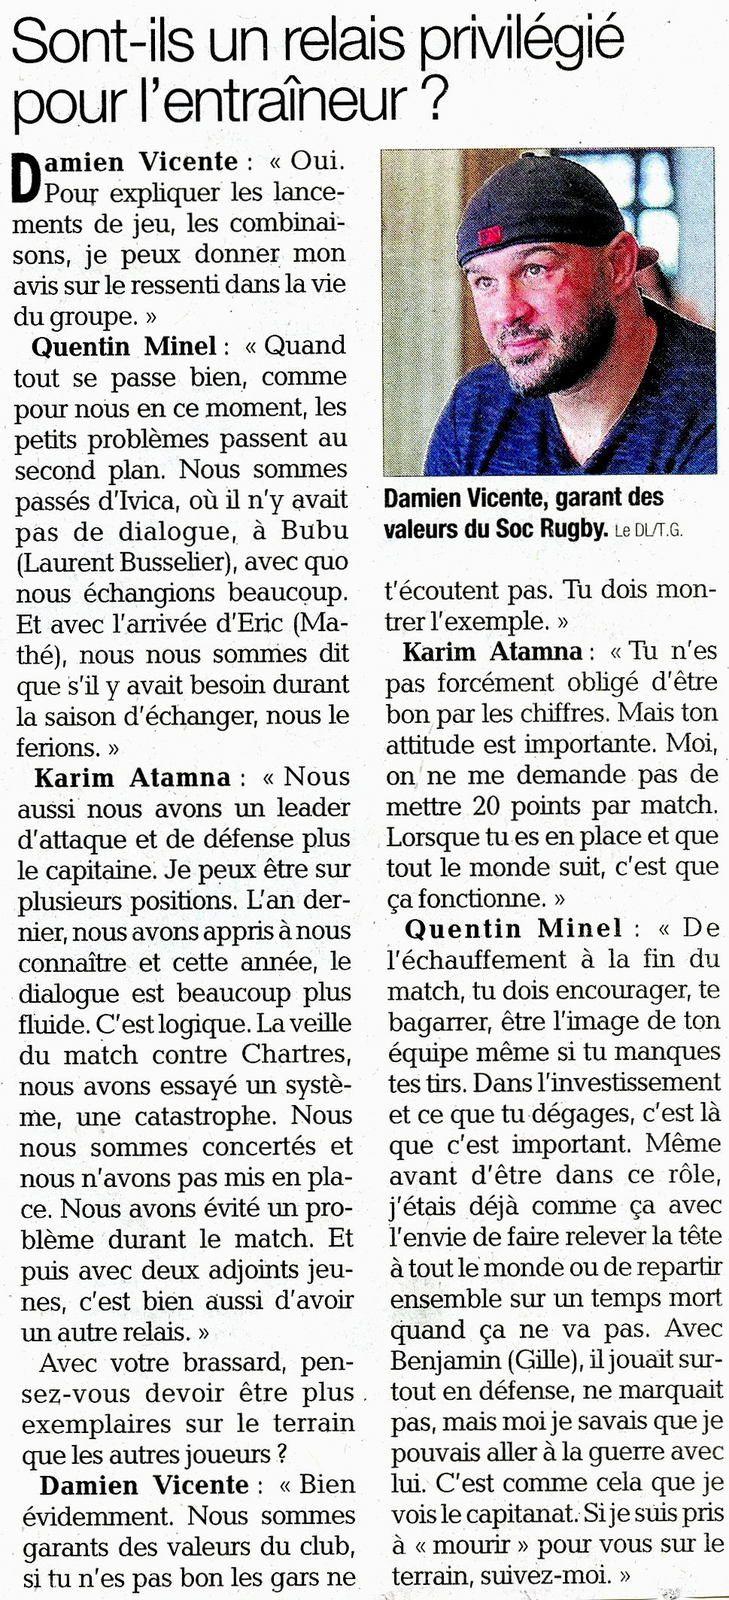 Trois capitaines réunis article du Dauphiné-Libéré